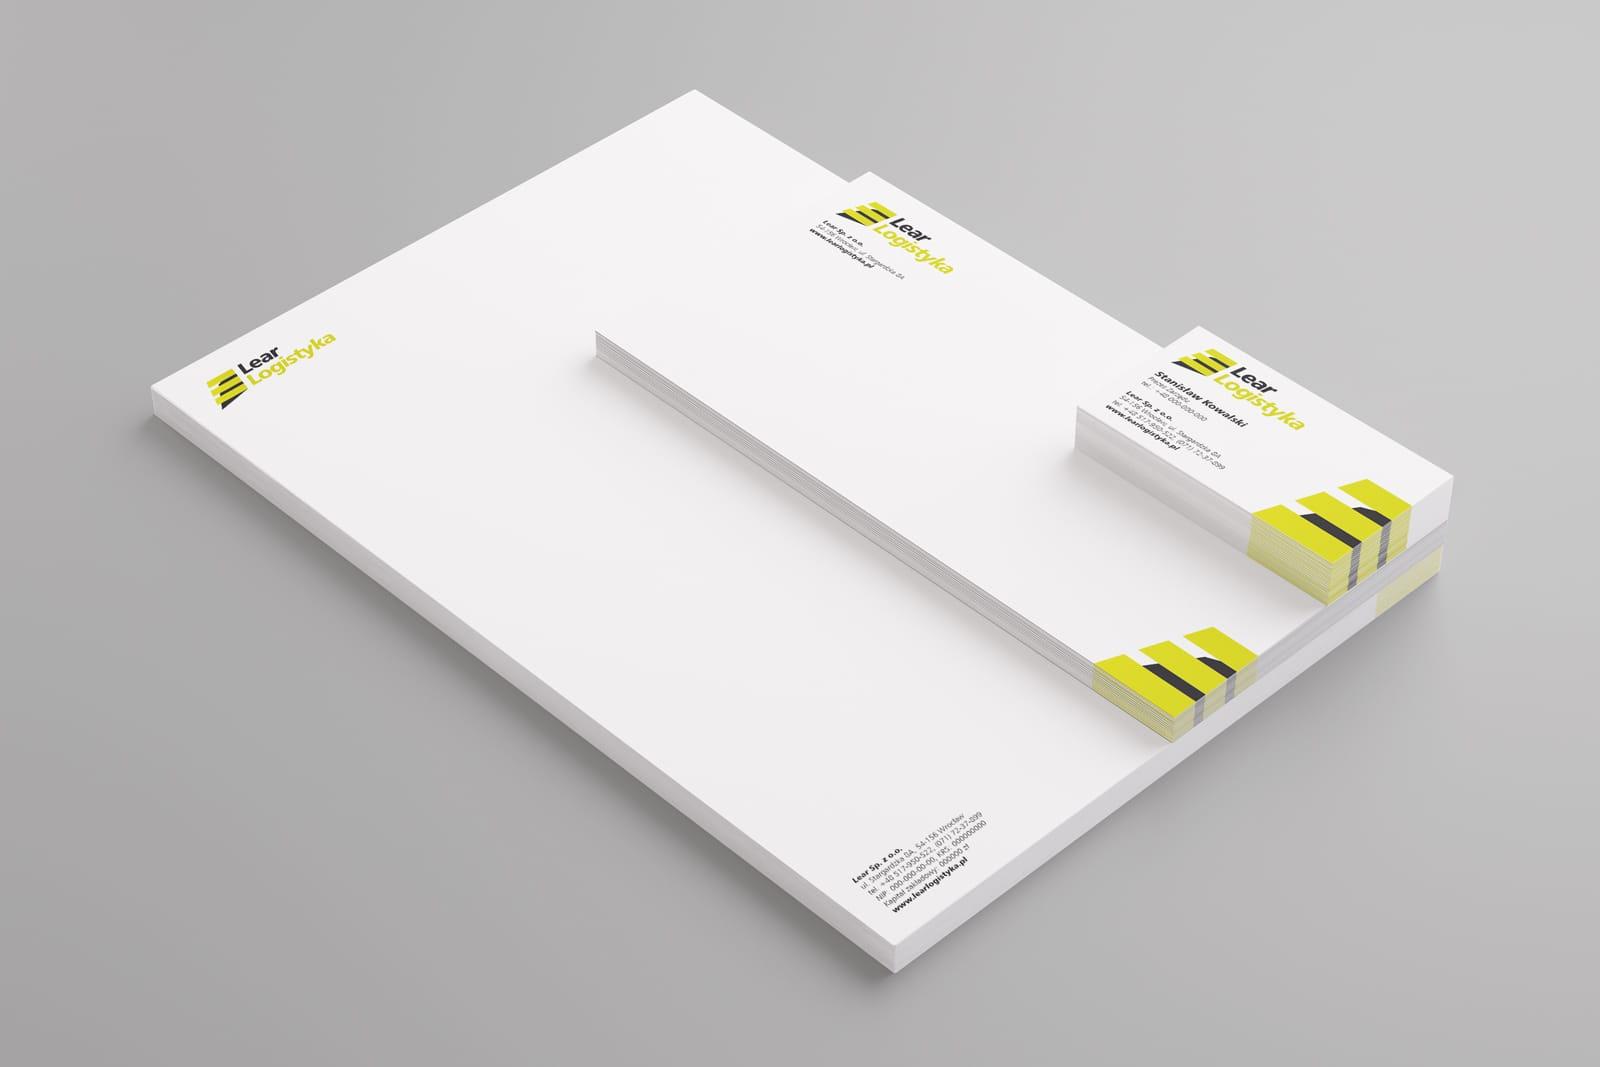 Lear Logistyka projektowanie logo firmowych akcydensy firmowe tworzenie identyfikacja wizualna projekty księga znaku Agencja brandingowa reklamowa Moweli Creative Dąbrowa Górnicza Katowice Kraków Wrocław Warszawa